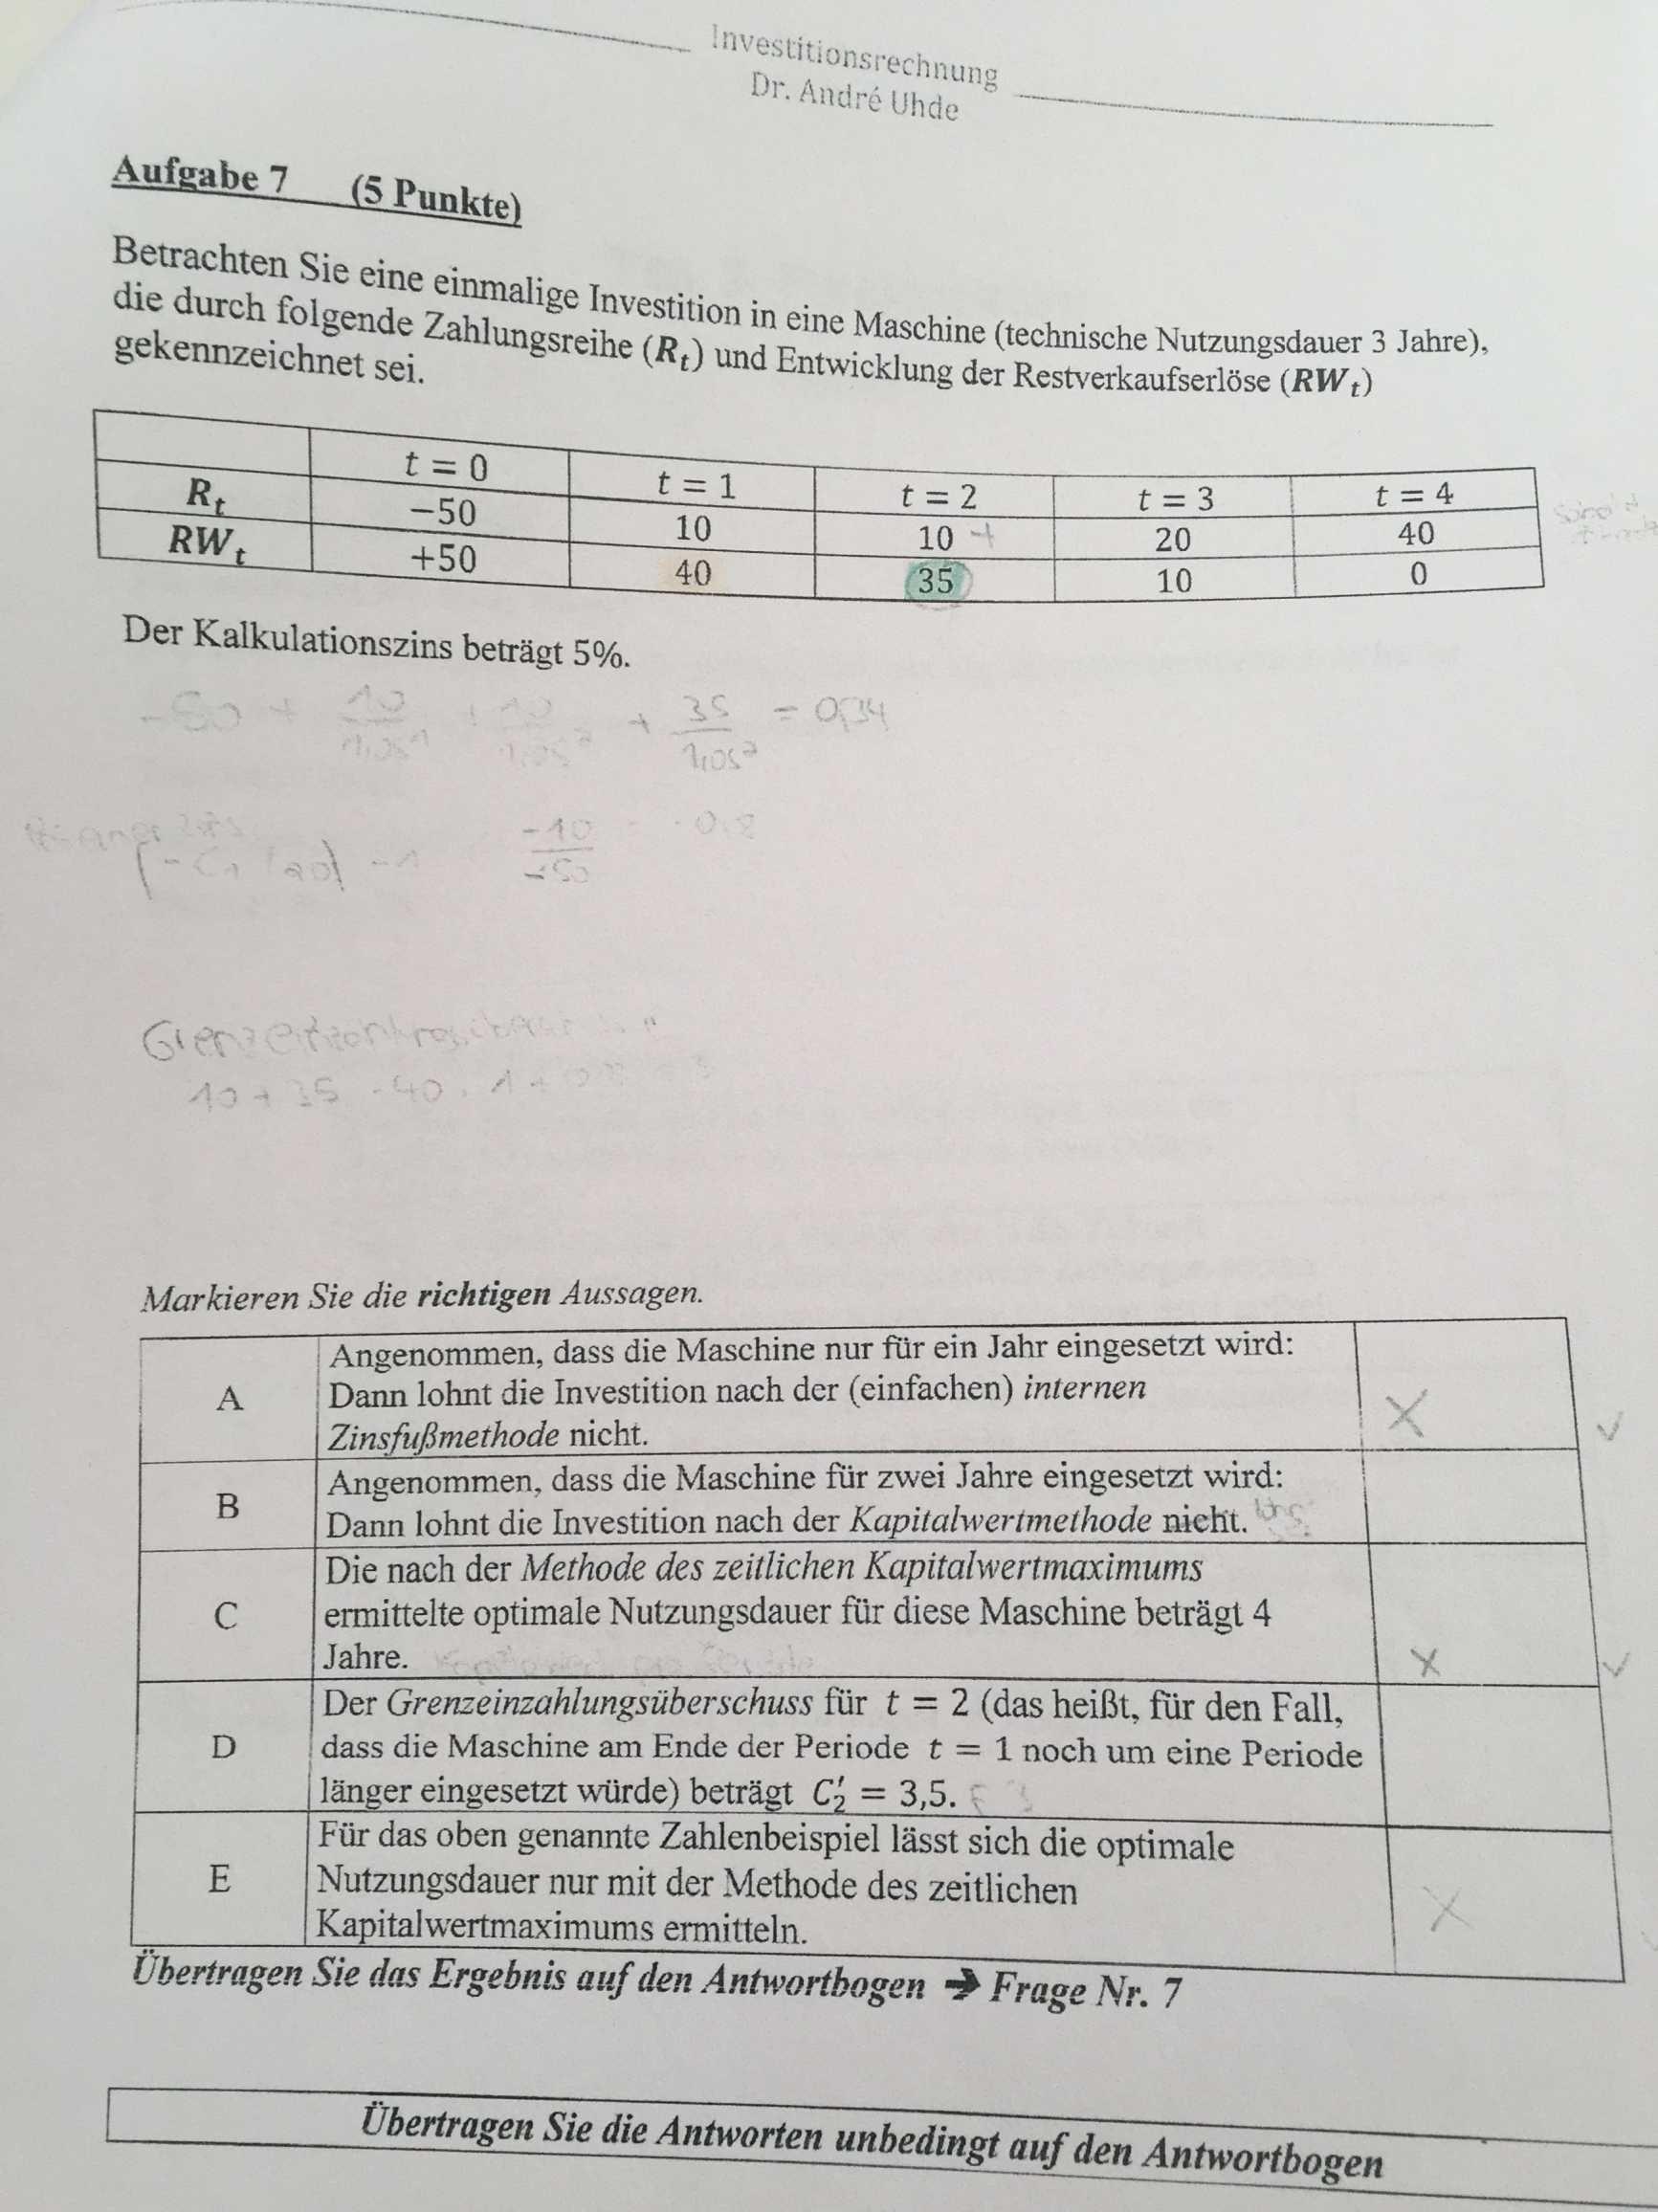 Gemütlich Qa Testfallvorlage Bilder - Beispiel Wiederaufnahme ...